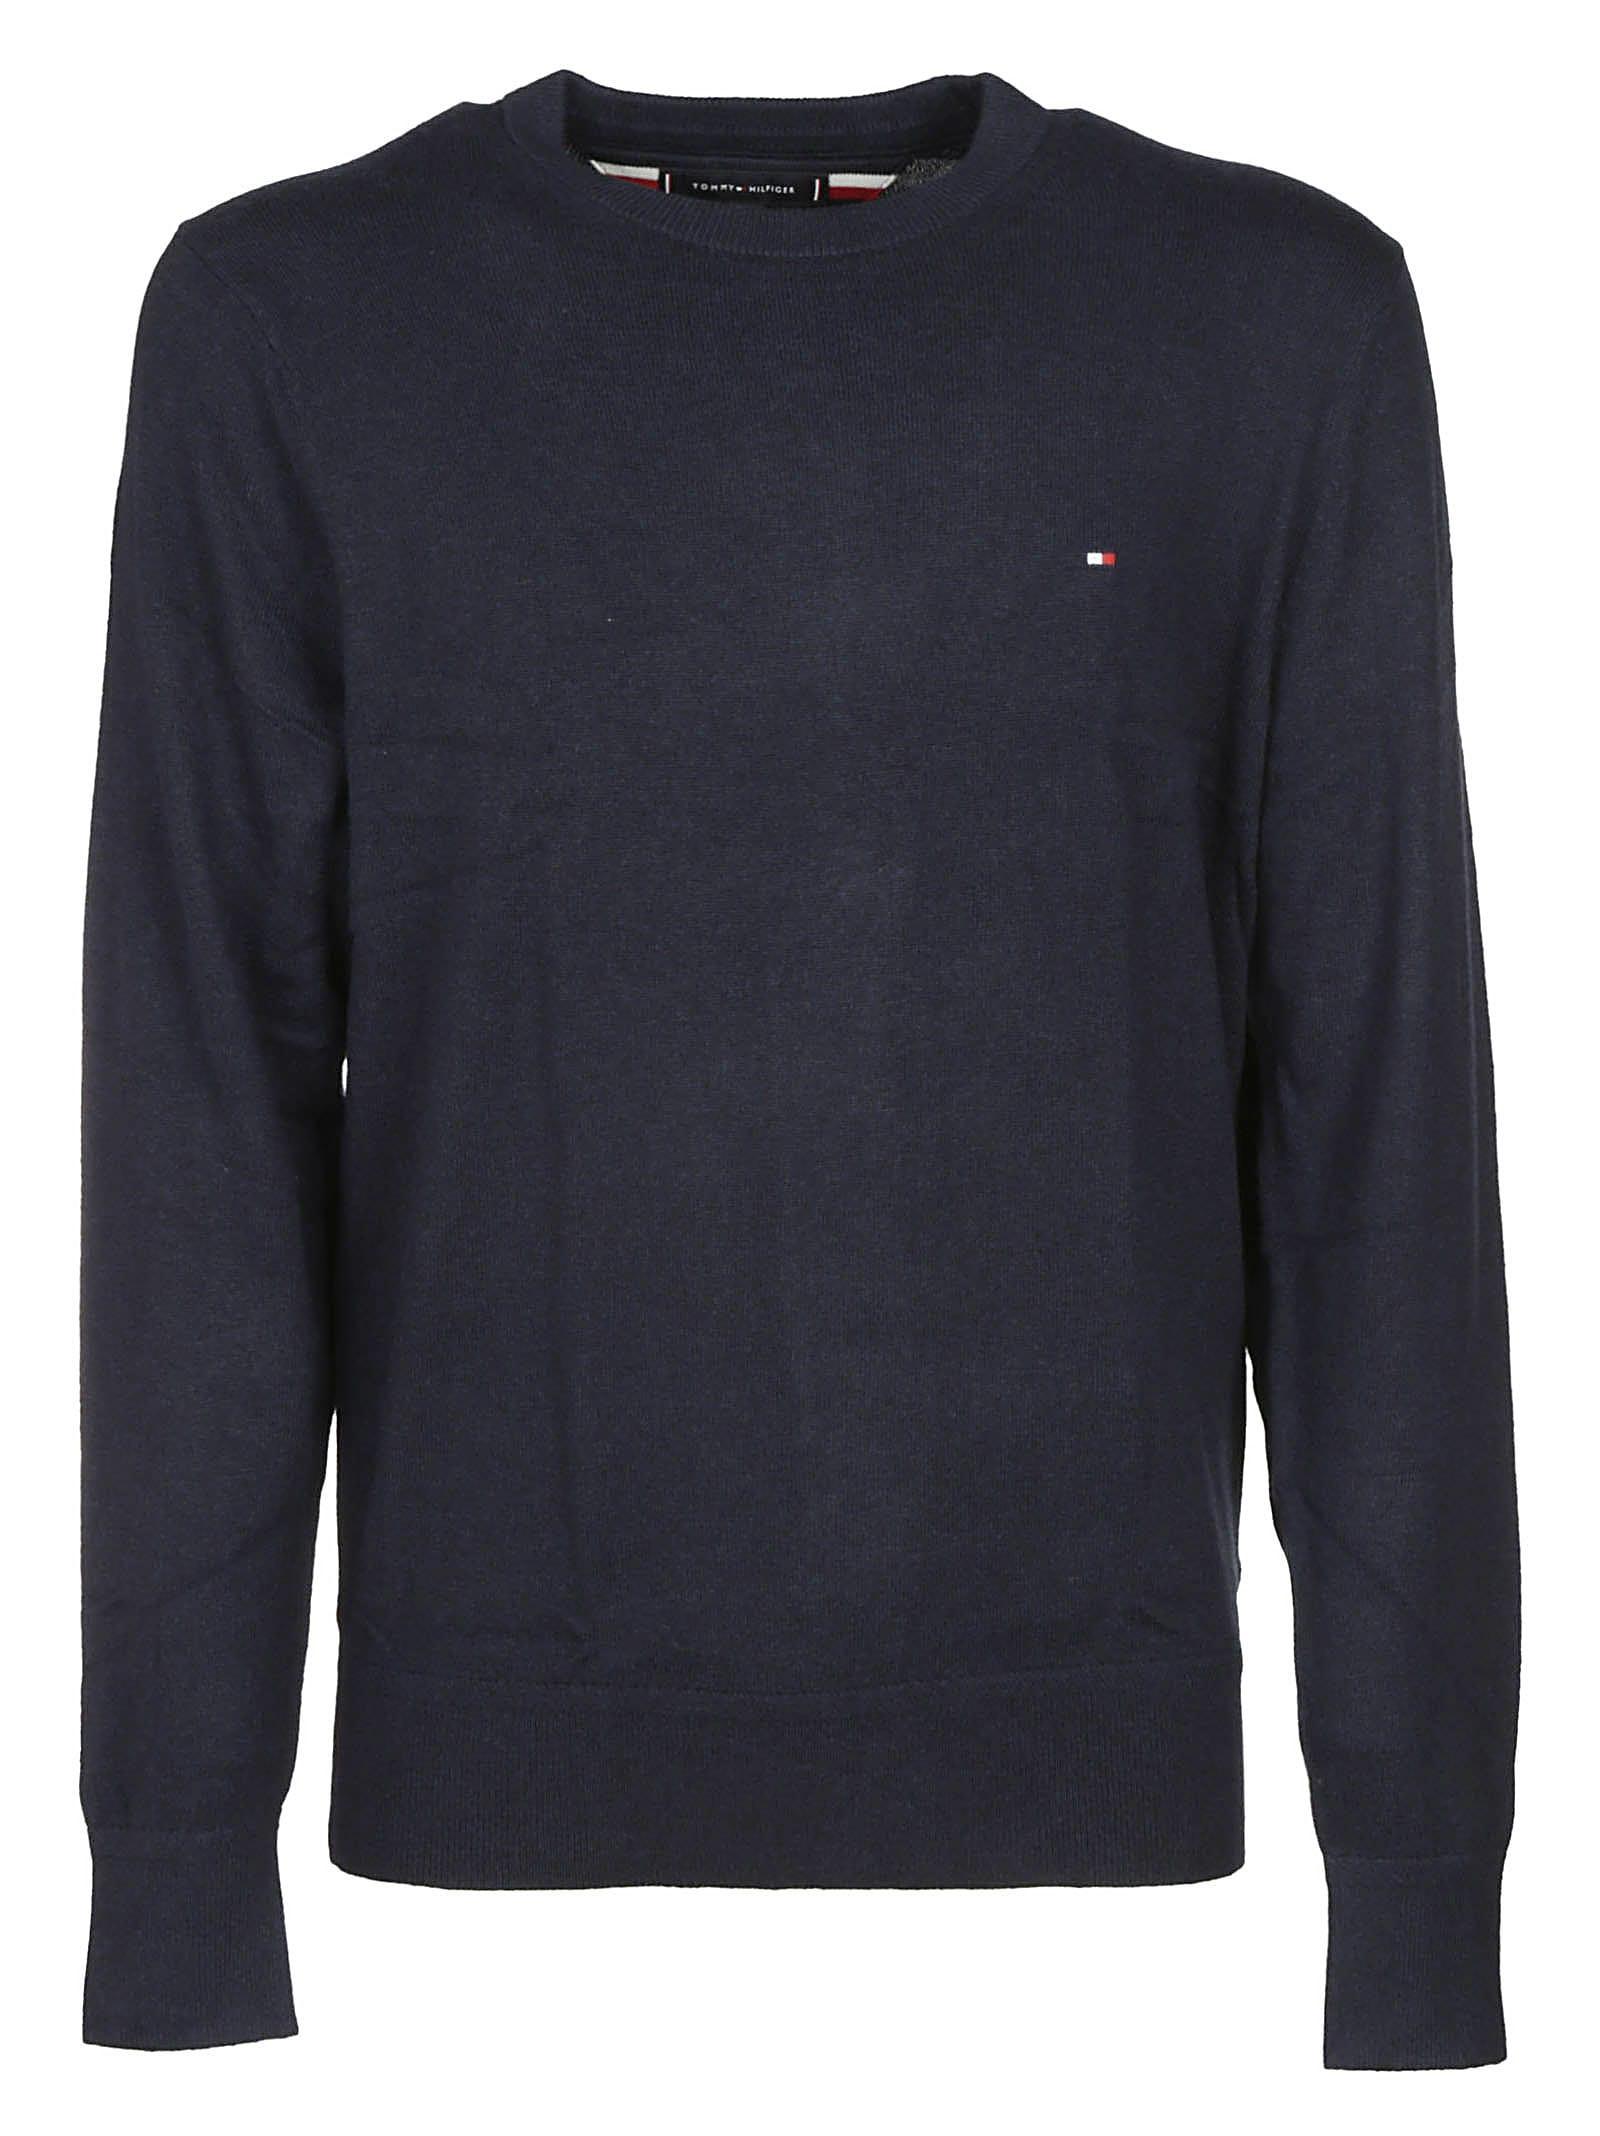 Tommy Hilfiger Embroidered Sweatshirt